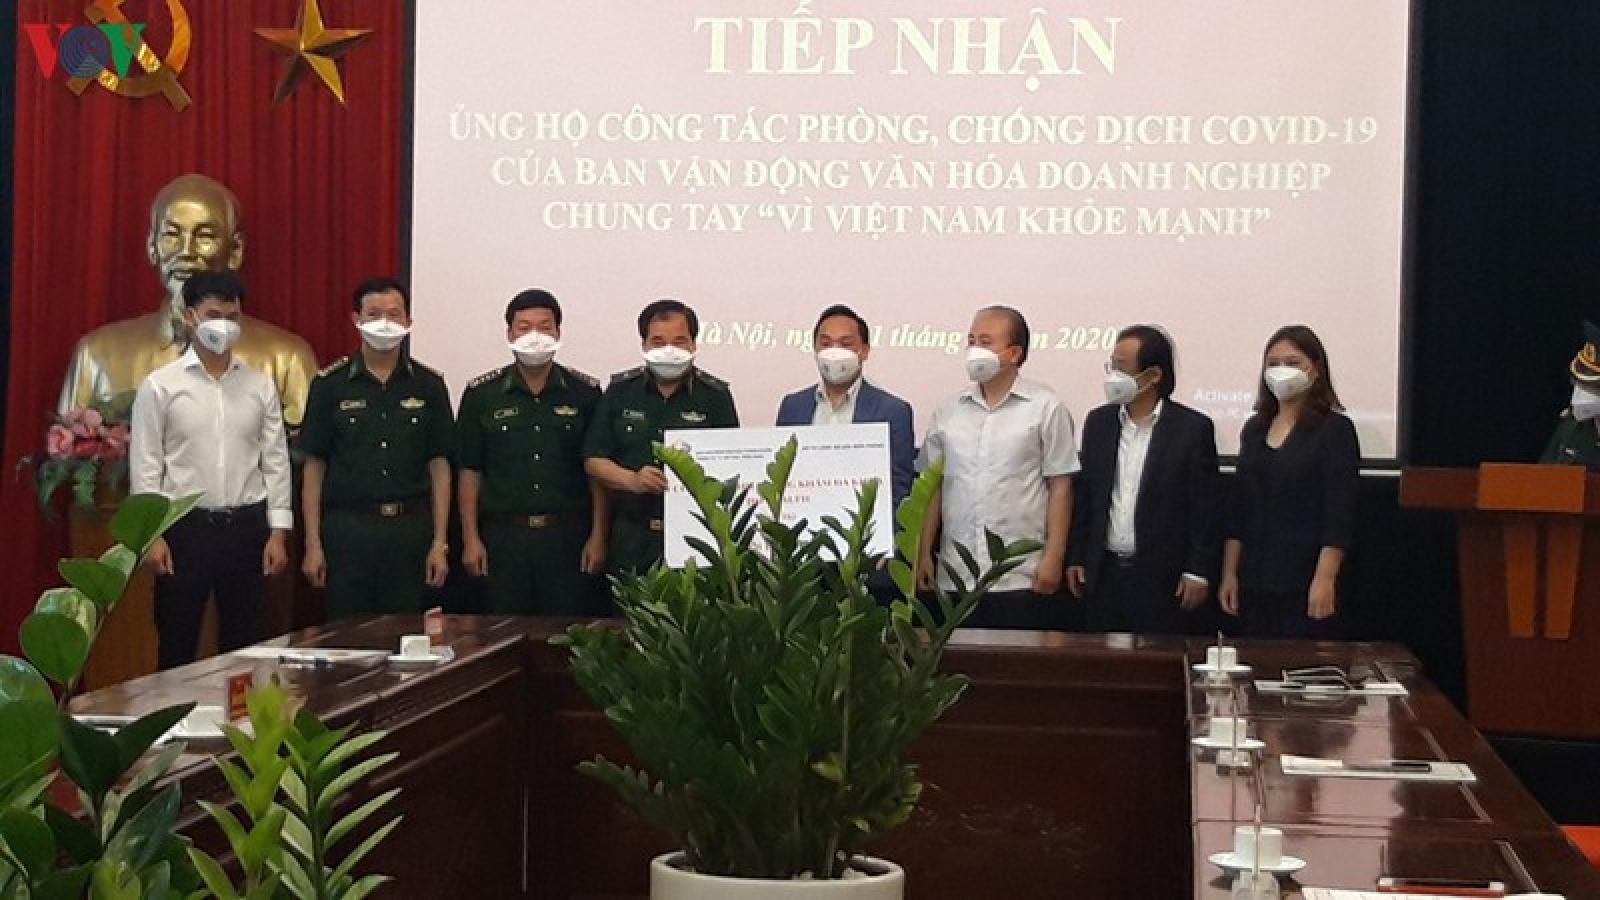 Trao tặng vật tư, trang thiết bị y tế chống dịch cho Bộ đội Biên phòng